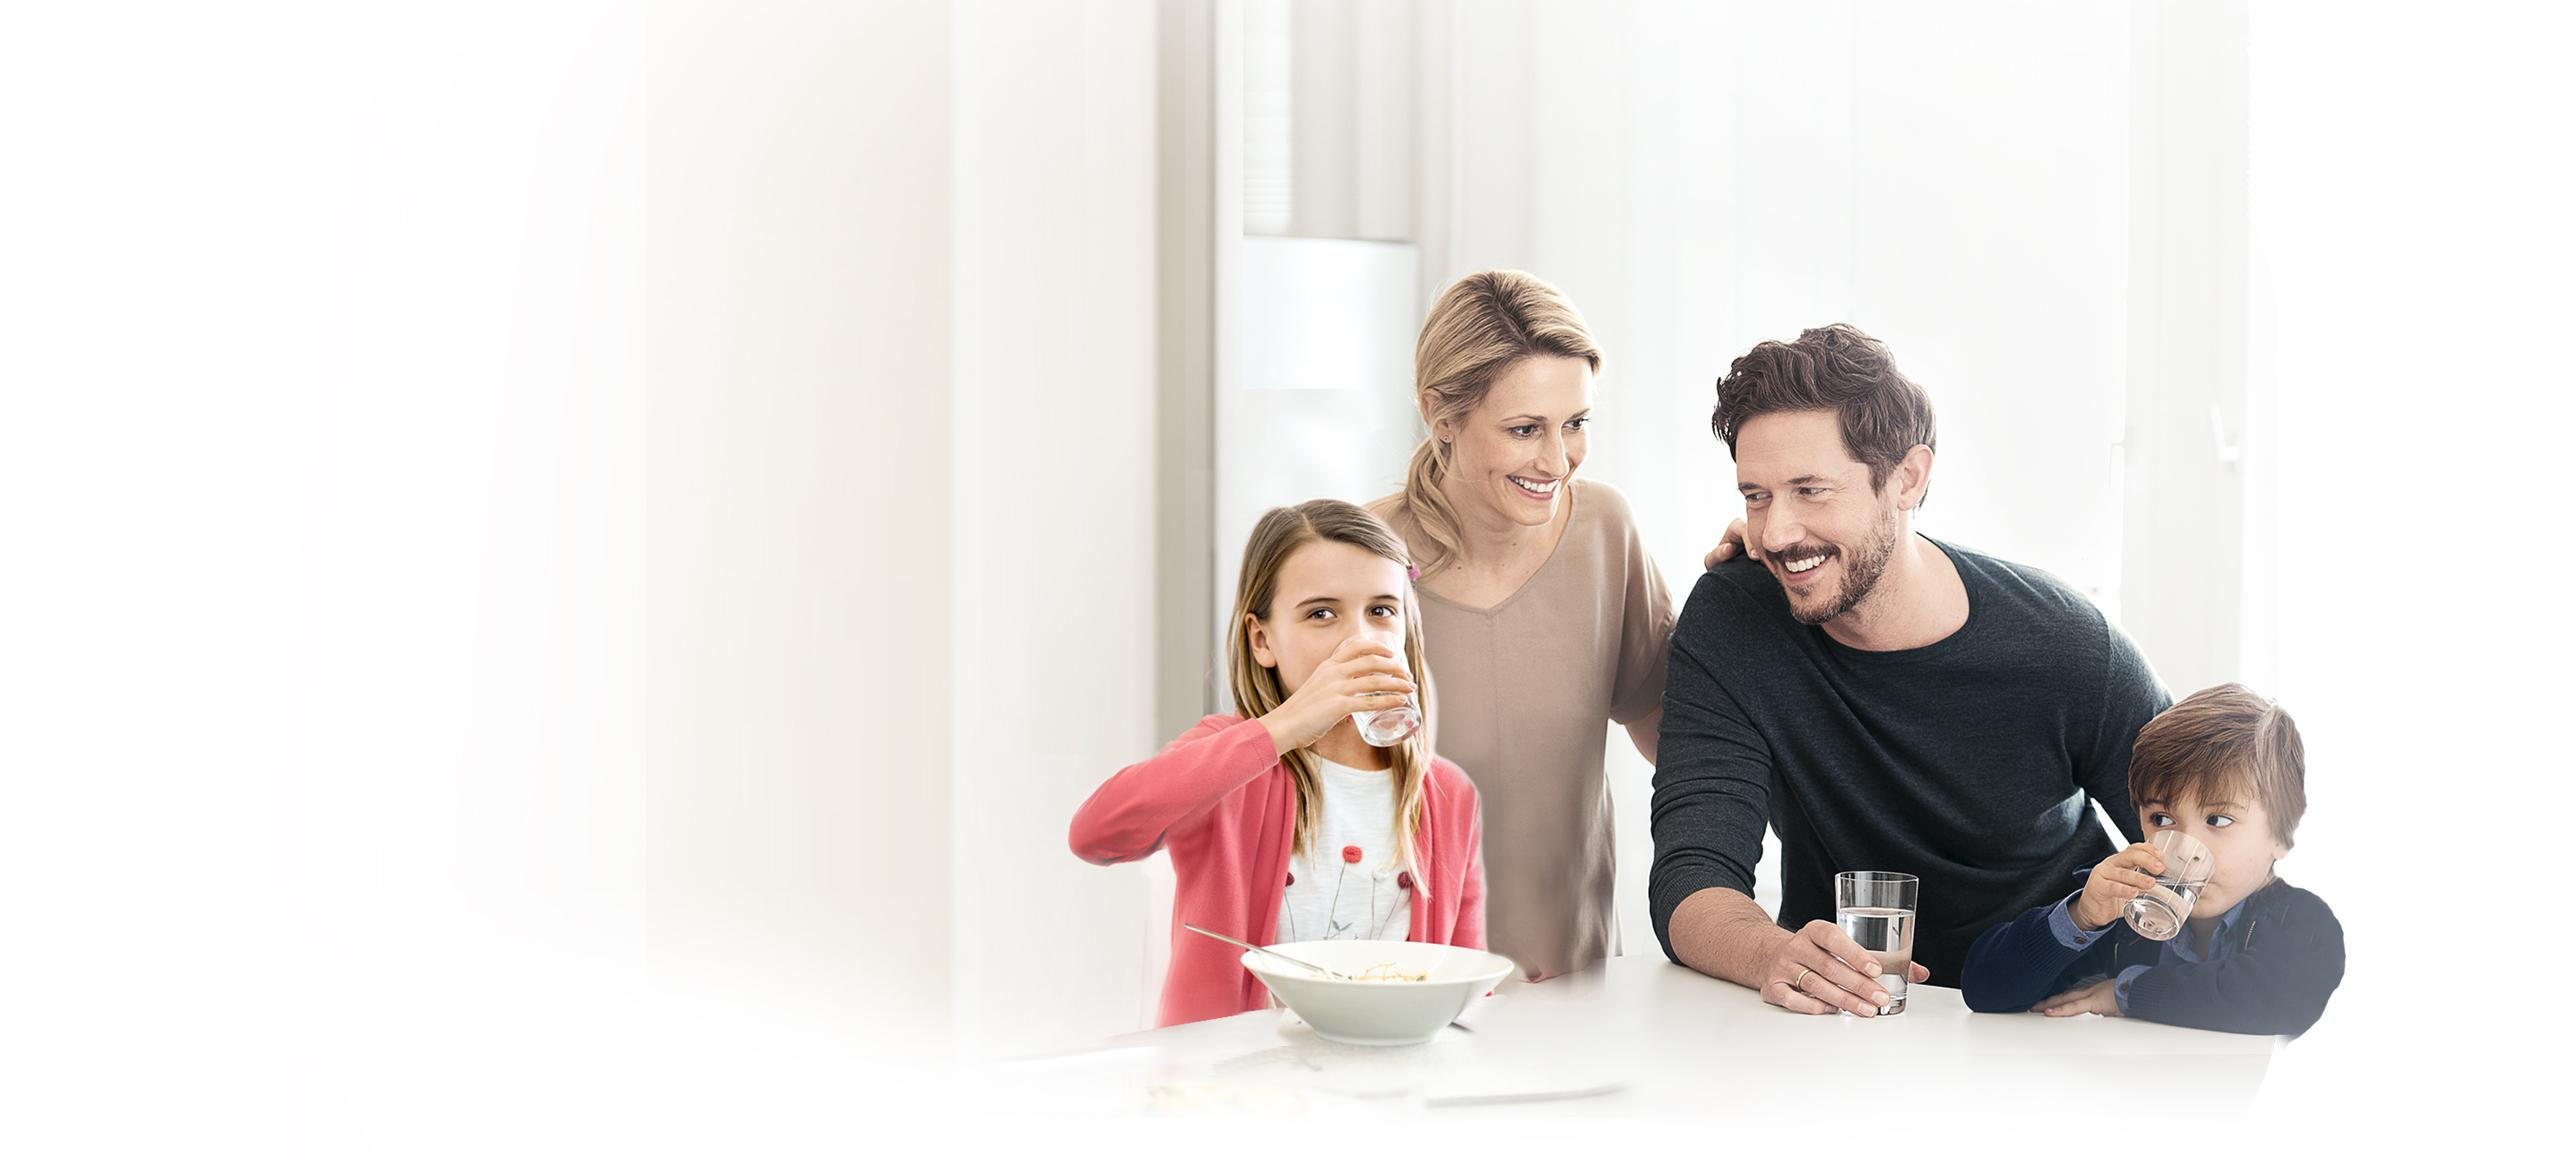 Family around kitchen table